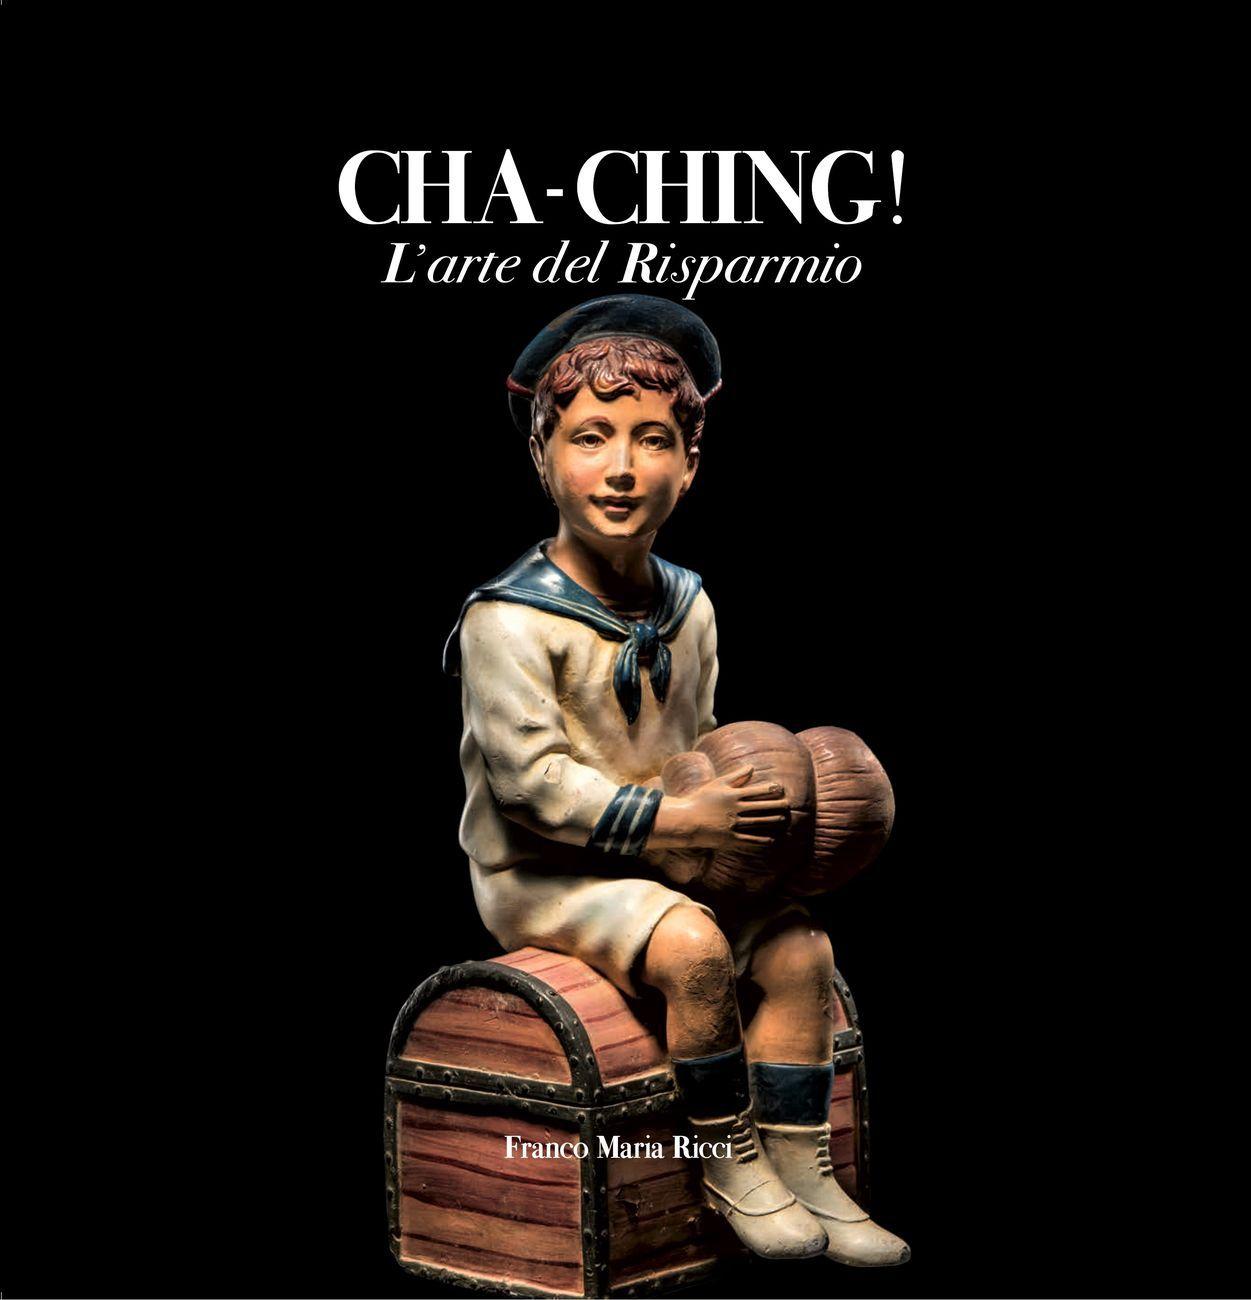 Cha Ching! L'arte del risparmio (Franco Maria Ricci, Fontanellato 2019)